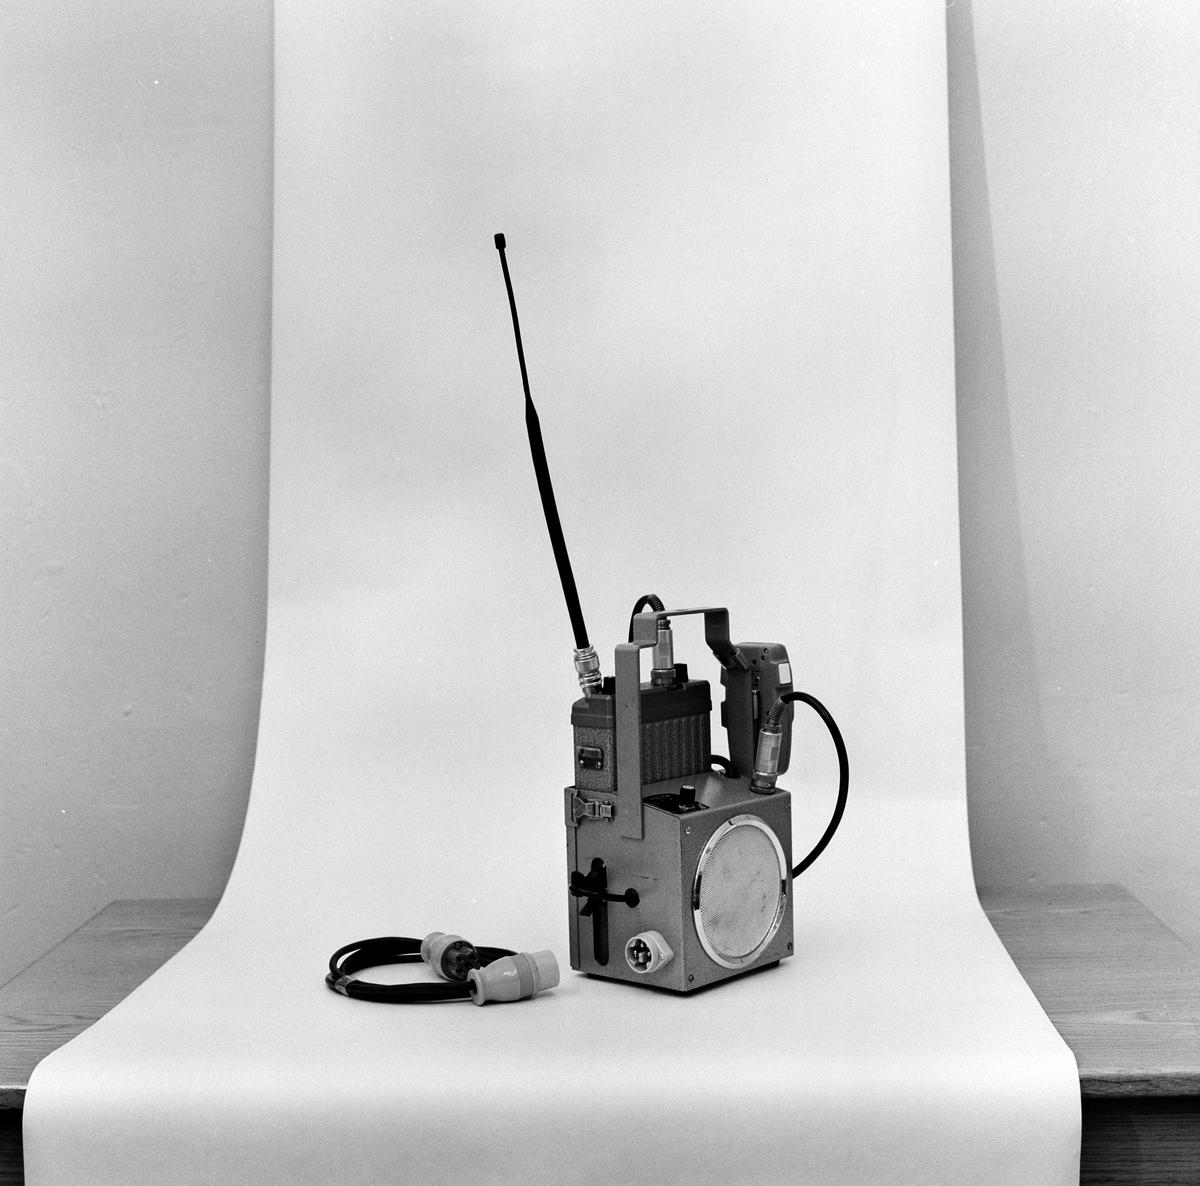 Radioutrustning batteri.